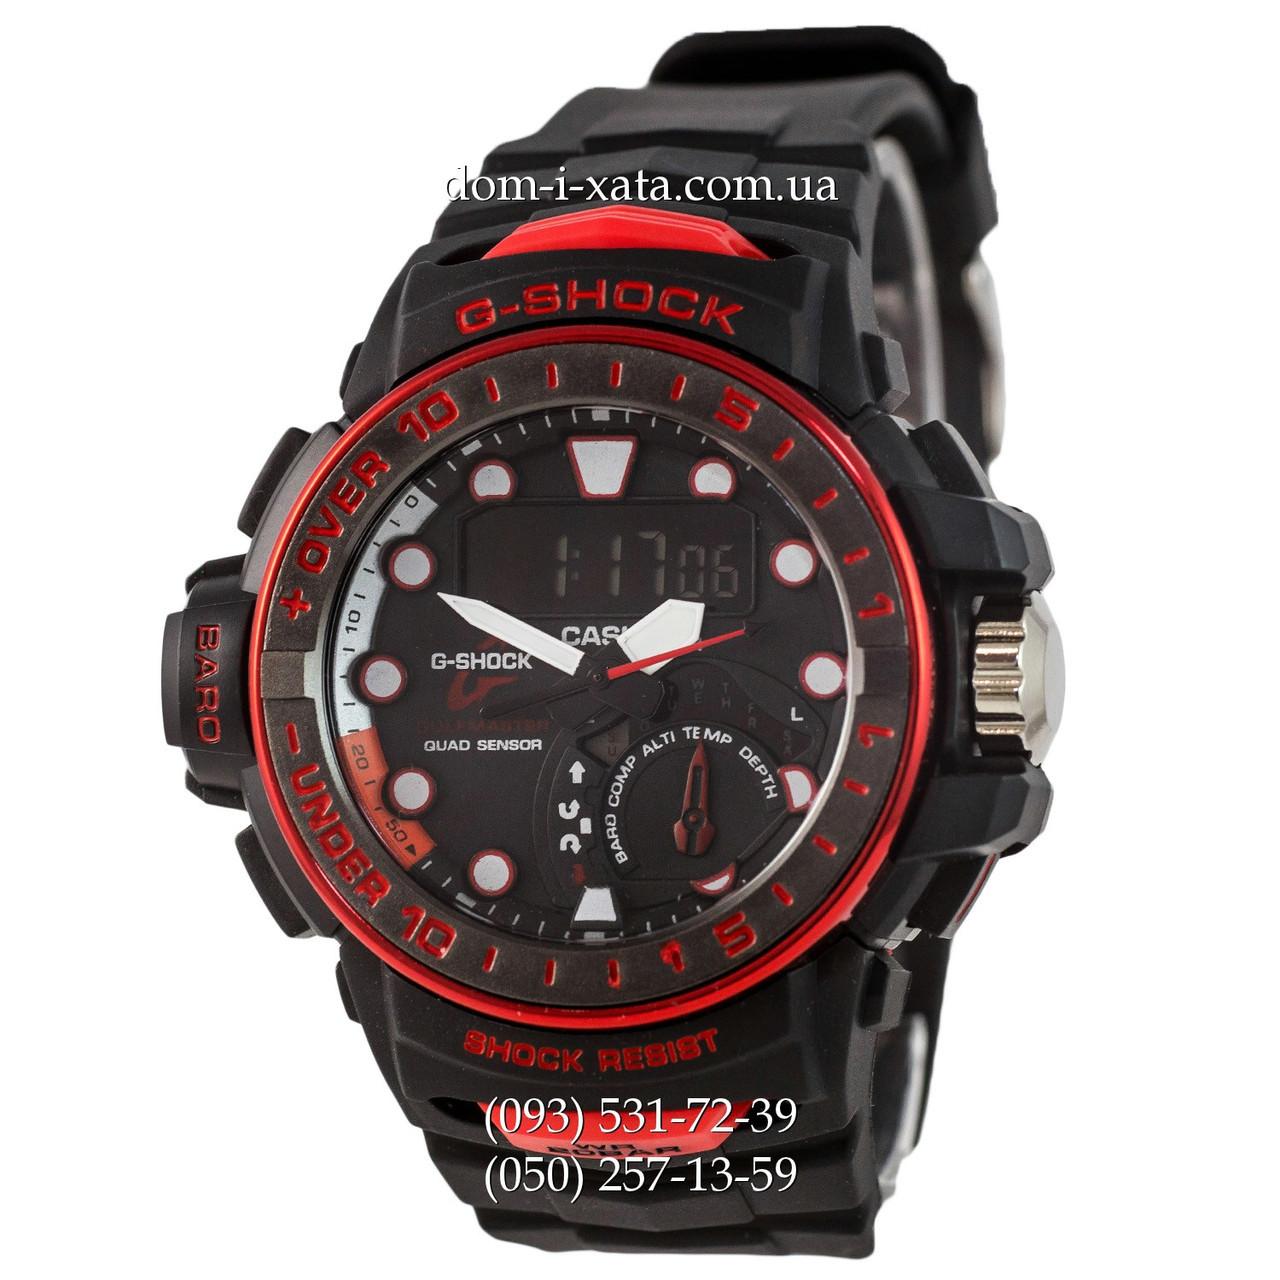 Электронные часы Casio G-Shock GWN-1000 Black-Red, спортивные часы Джи Шок черный-красный, реплика отличное качество!